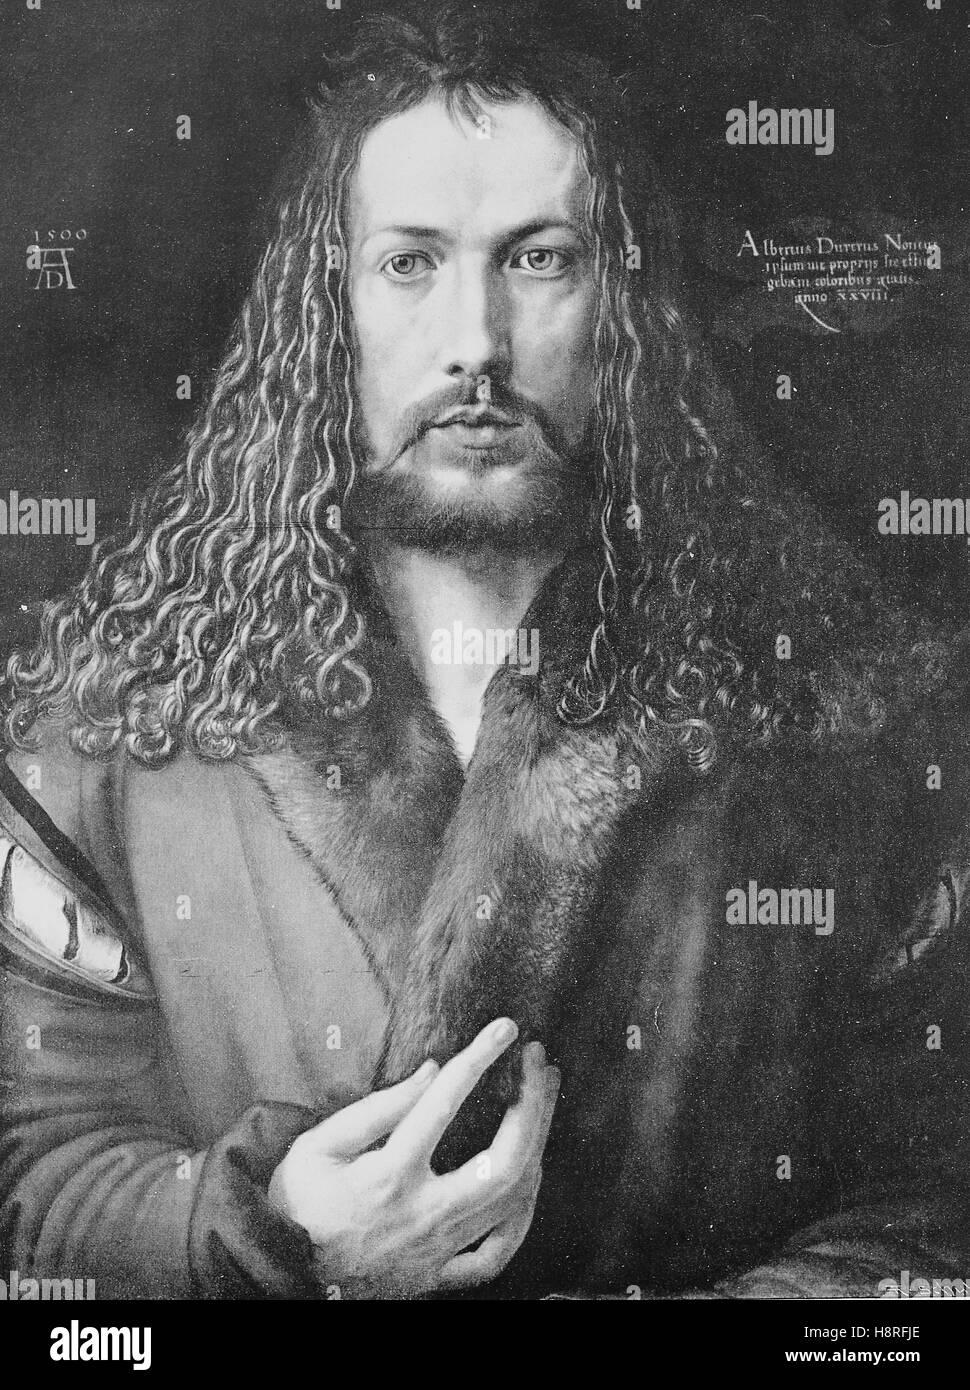 Albrecht Duerer war ein Maler, Grafiker und Theoretiker der deutschen Renaissance Stockbild